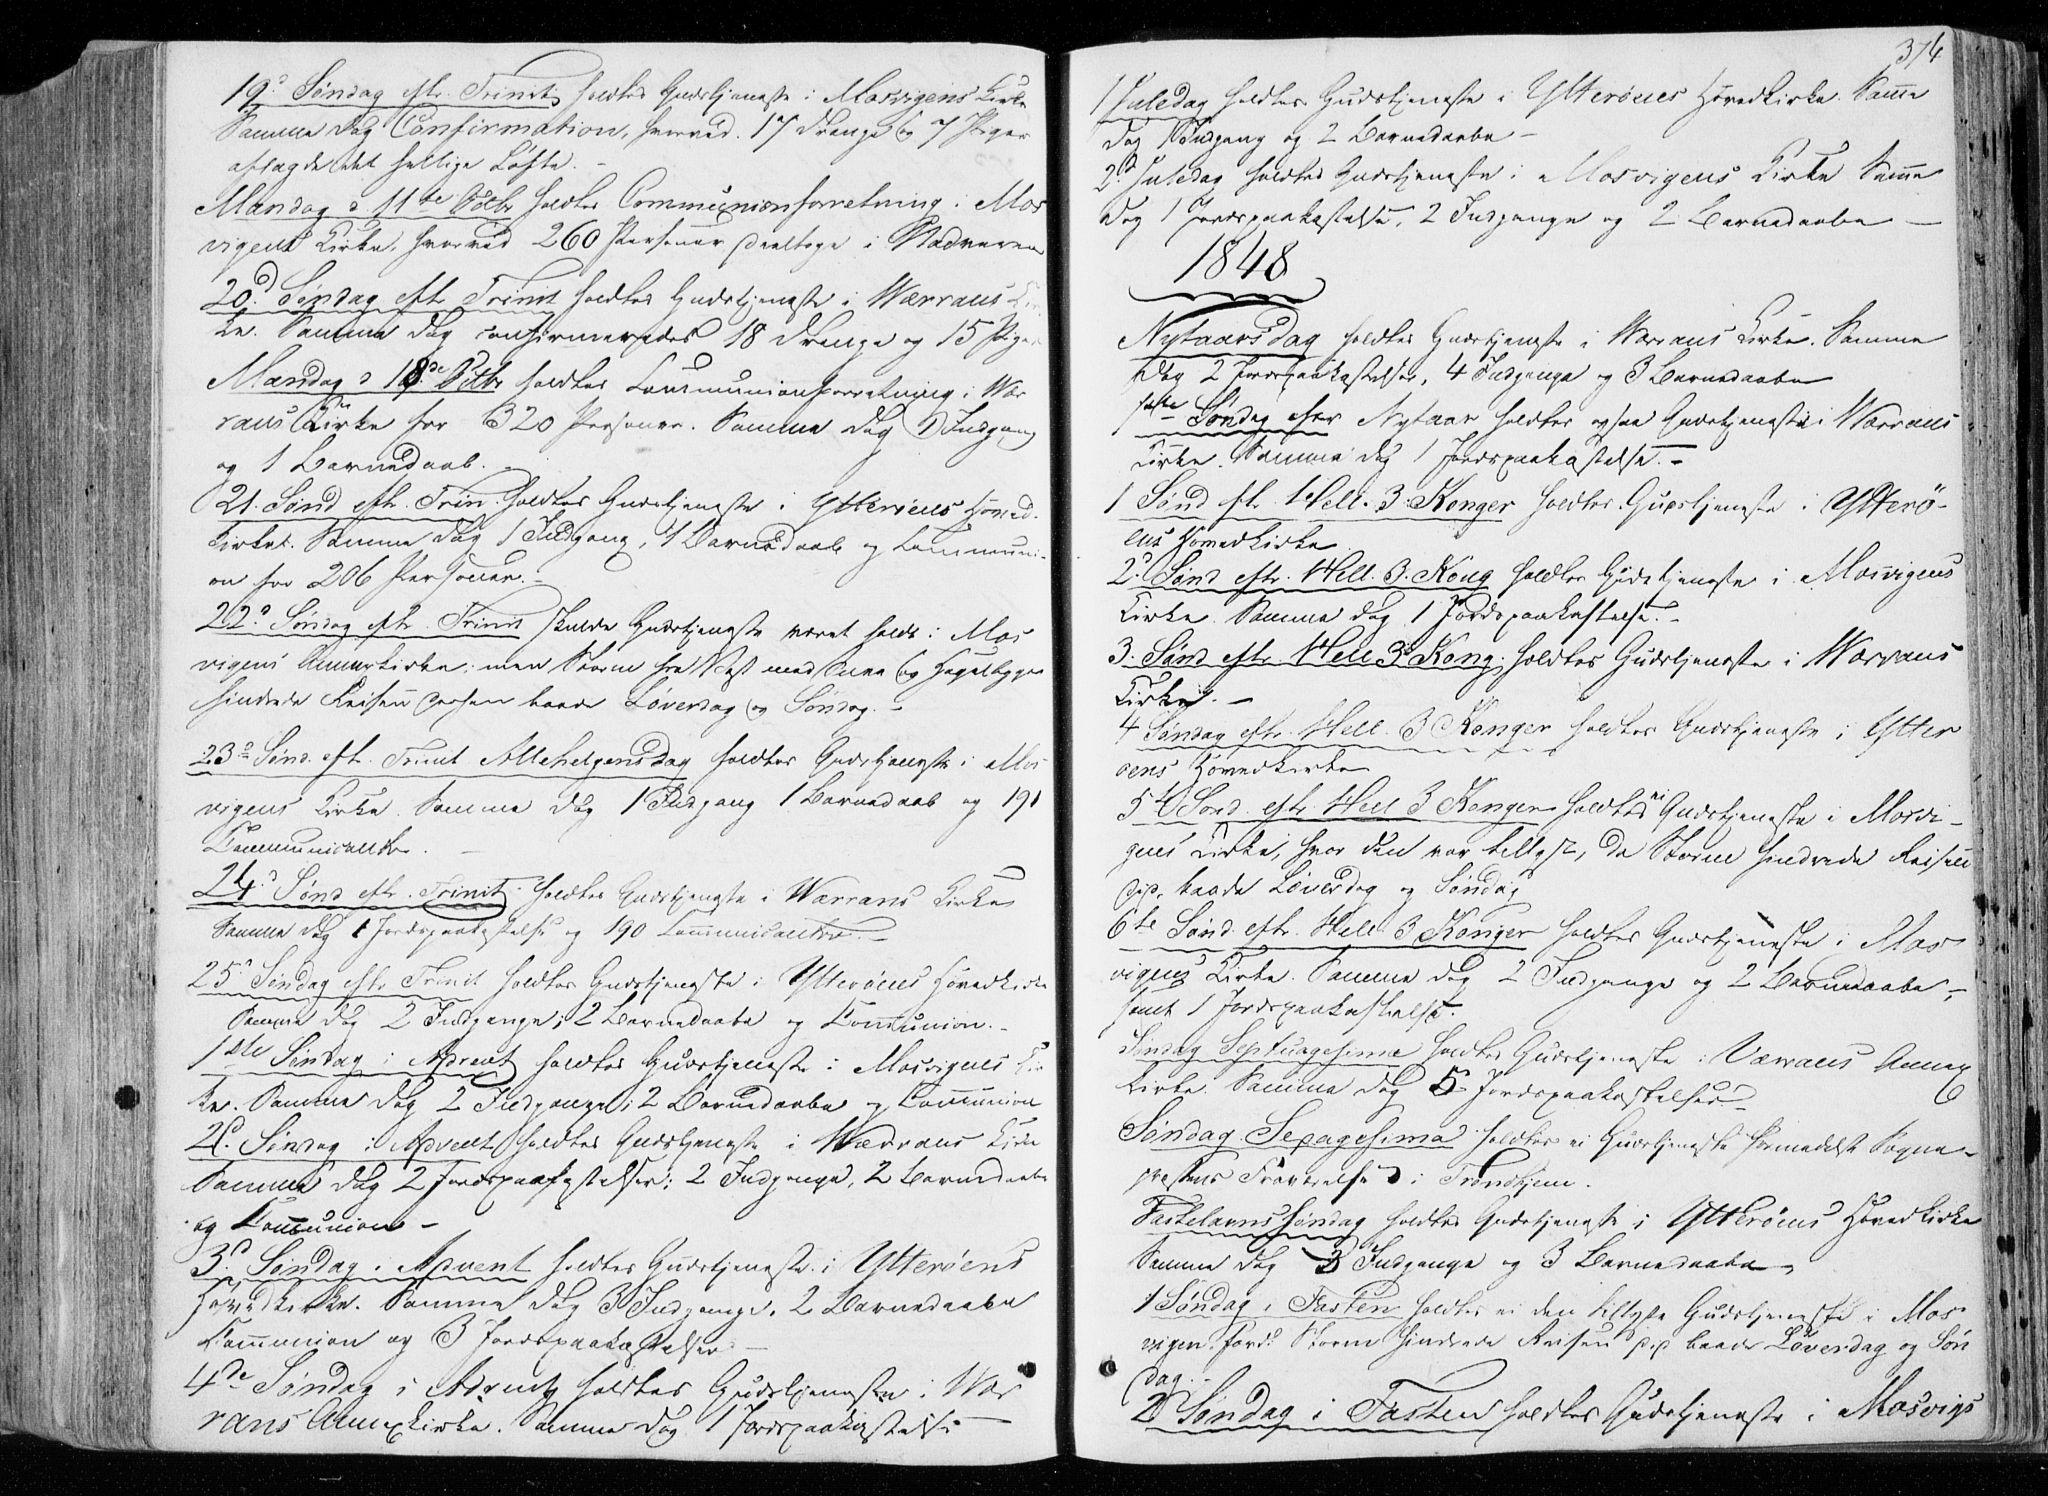 SAT, Ministerialprotokoller, klokkerbøker og fødselsregistre - Nord-Trøndelag, 722/L0218: Ministerialbok nr. 722A05, 1843-1868, s. 374